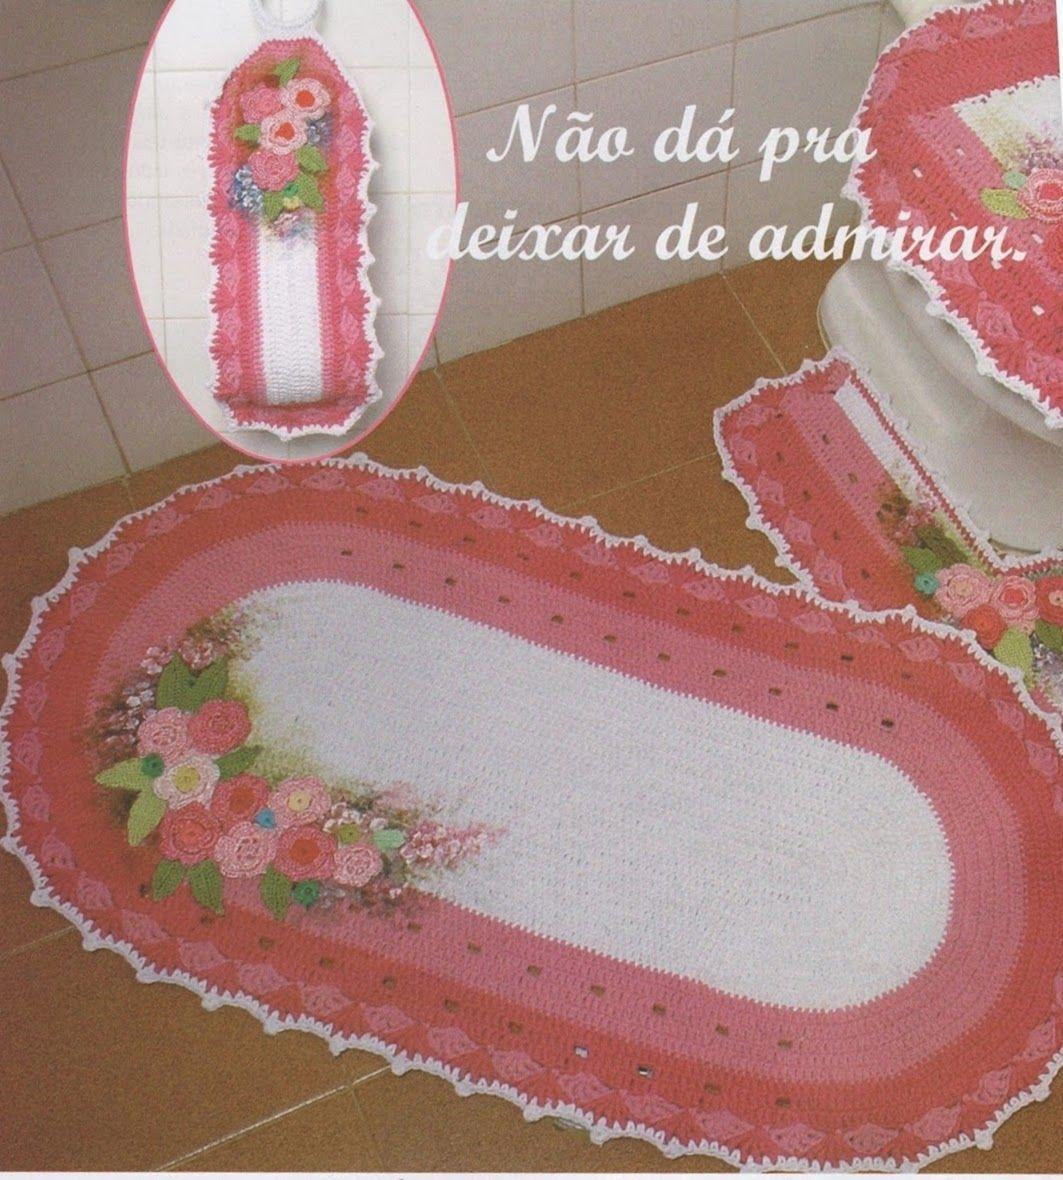 Feito com flores de crochê e repare na composição com a pintura!